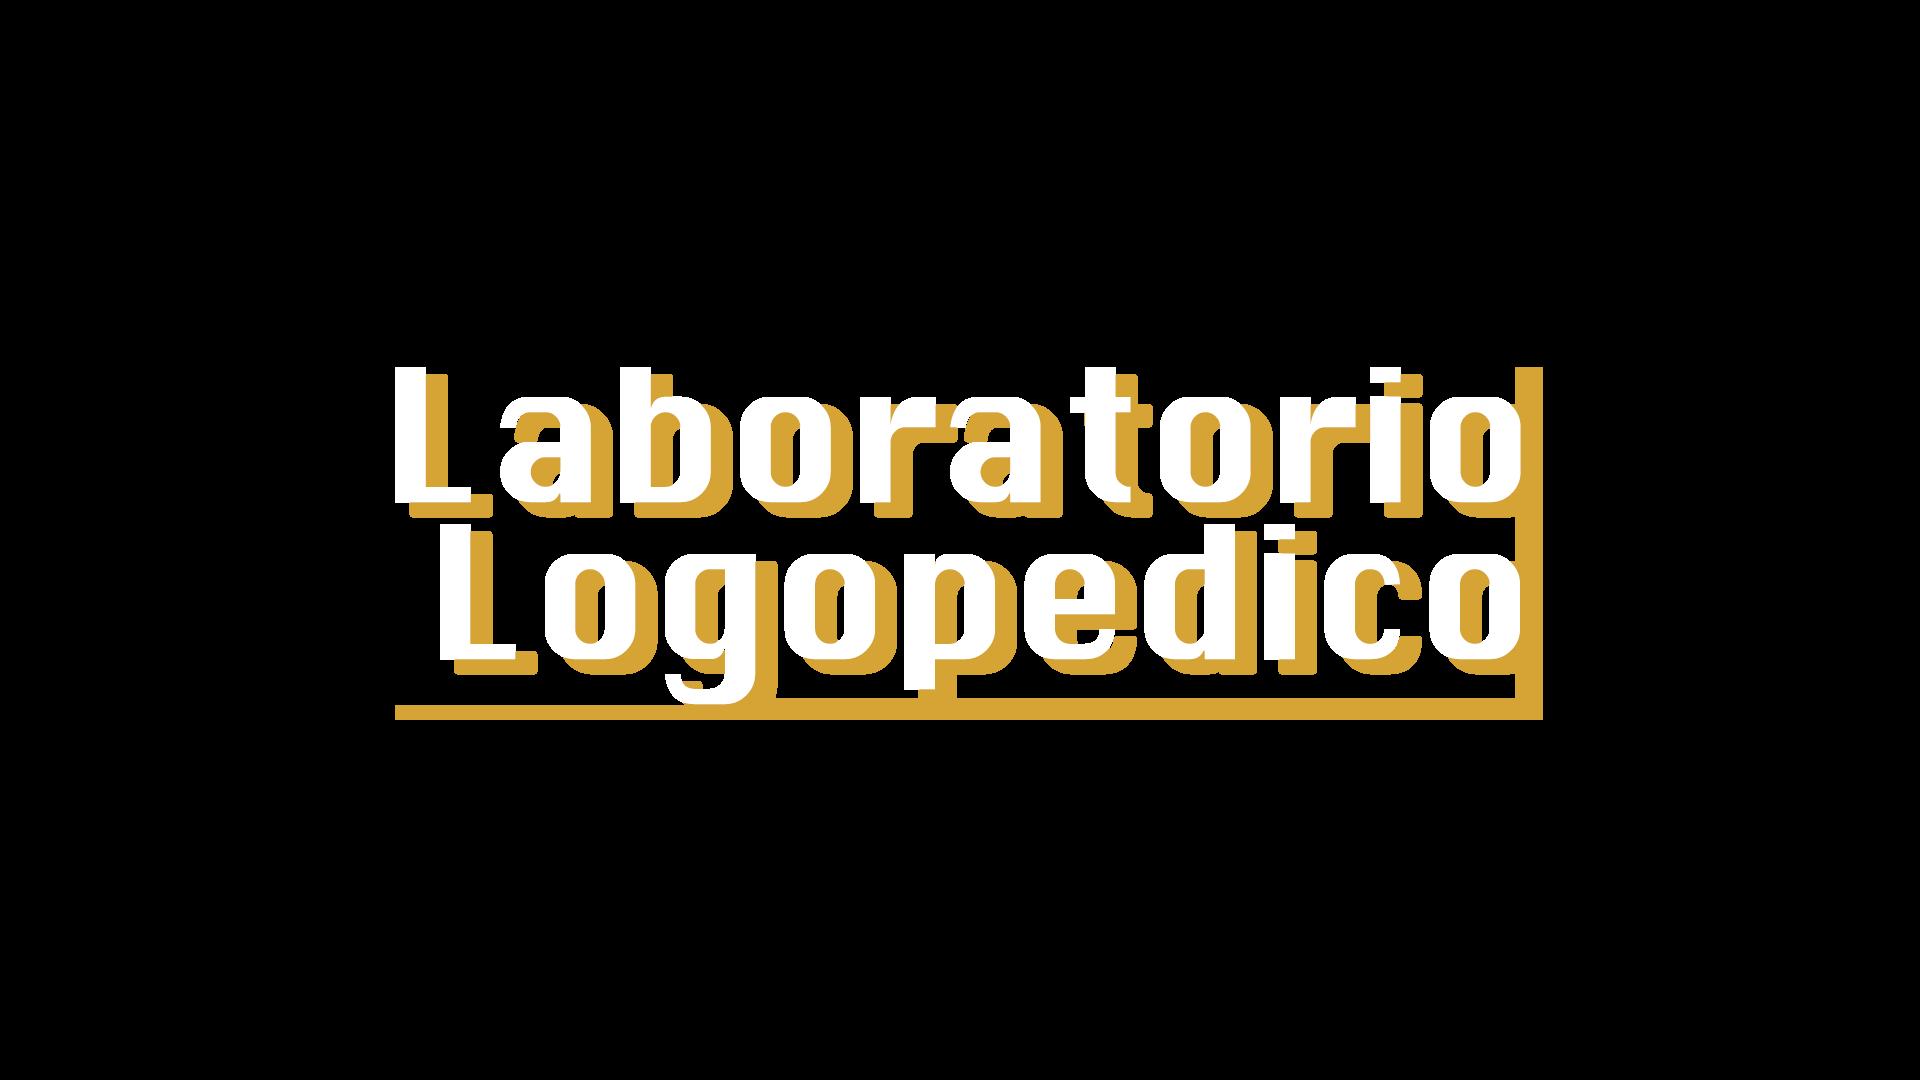 laboratorio Logopedico